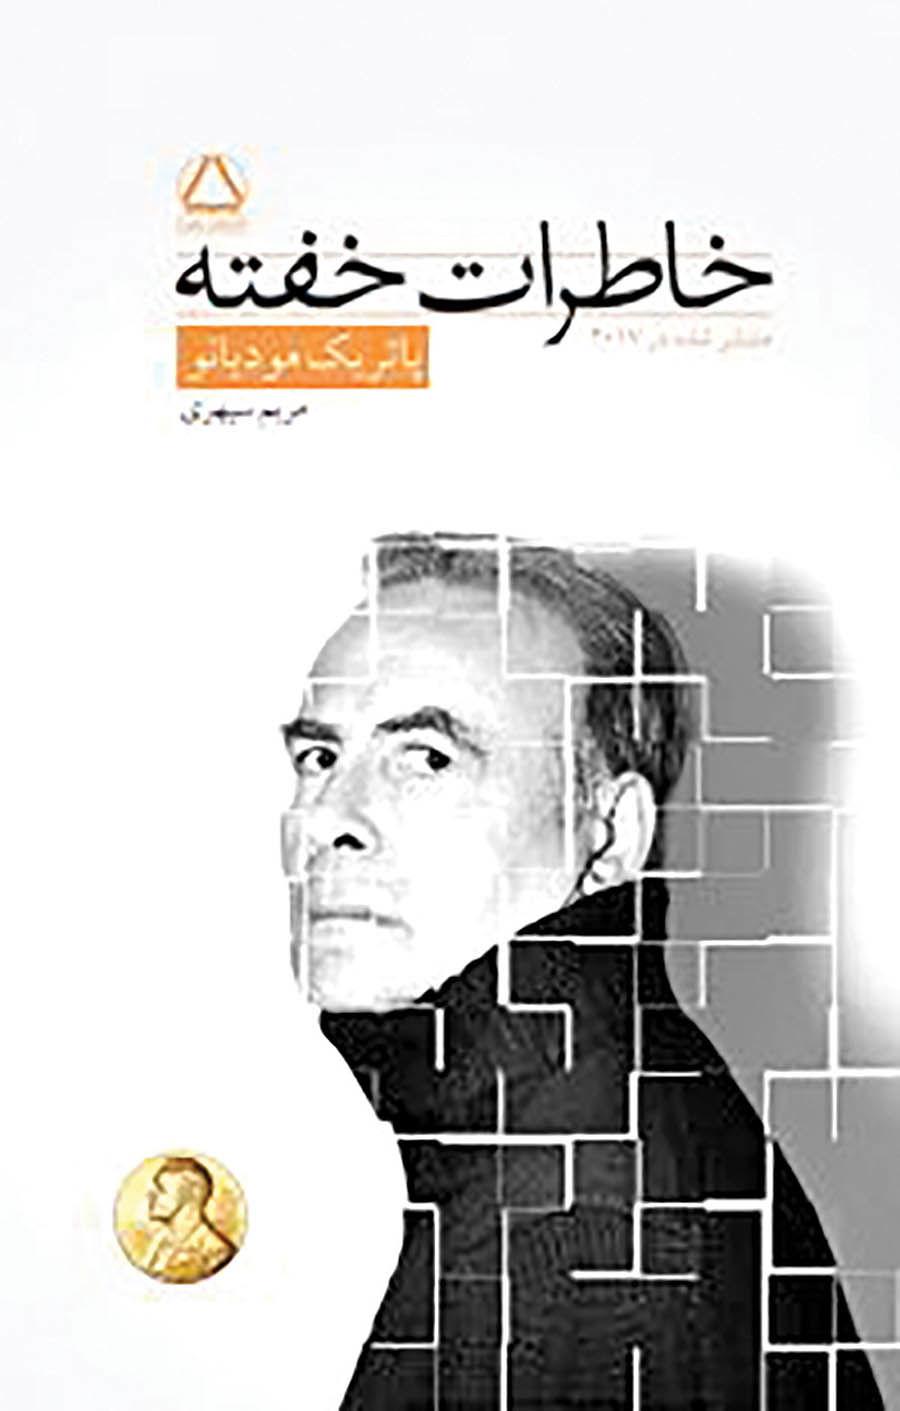 چاپ تازهترین رمان نویسنده برنده نوبل در ایران